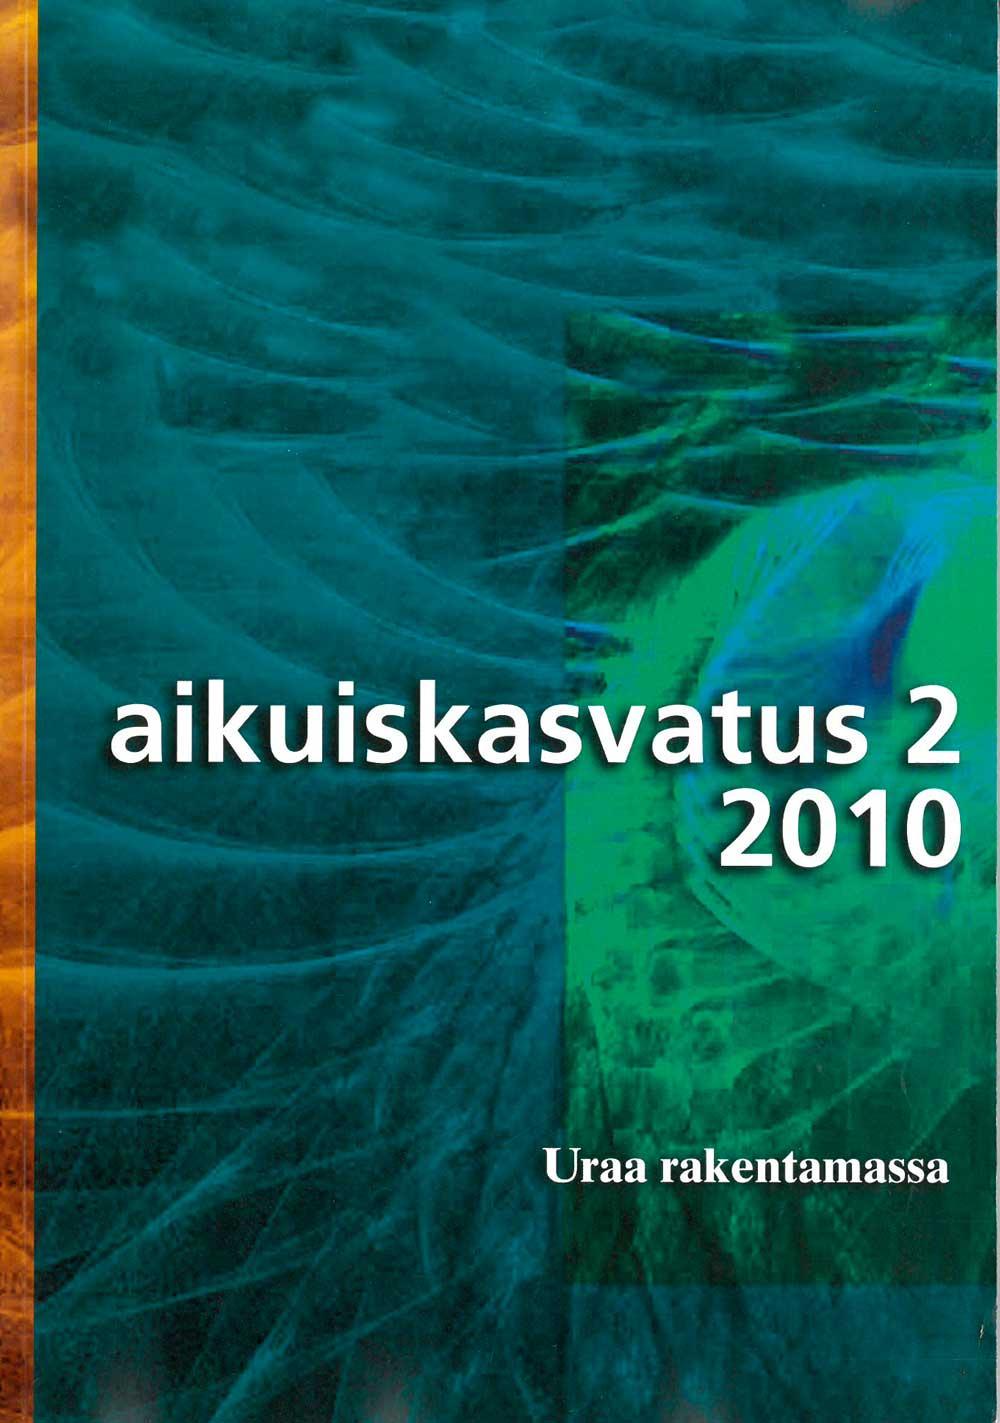 Näytä Vol 30 Nro 2 (2010): Aikuiskasvatus 2/2010: Uraa rakentamassa